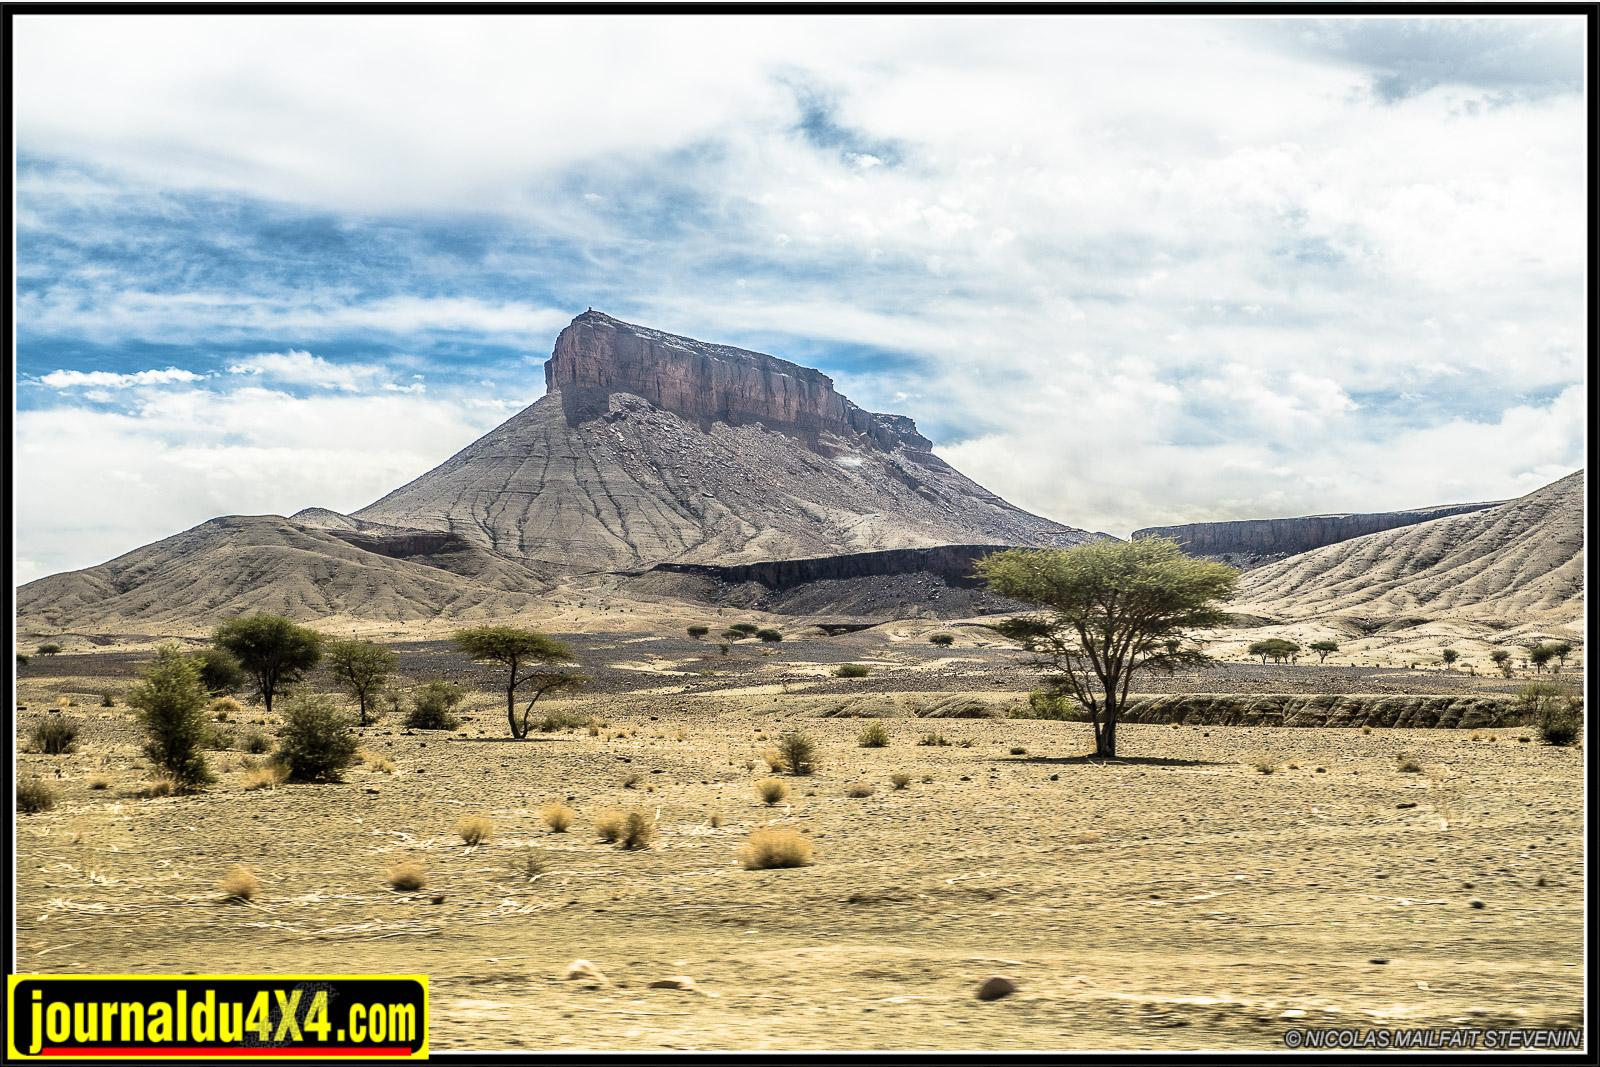 rallye-aicha-gazelles-maroc-2017-6739.jpg